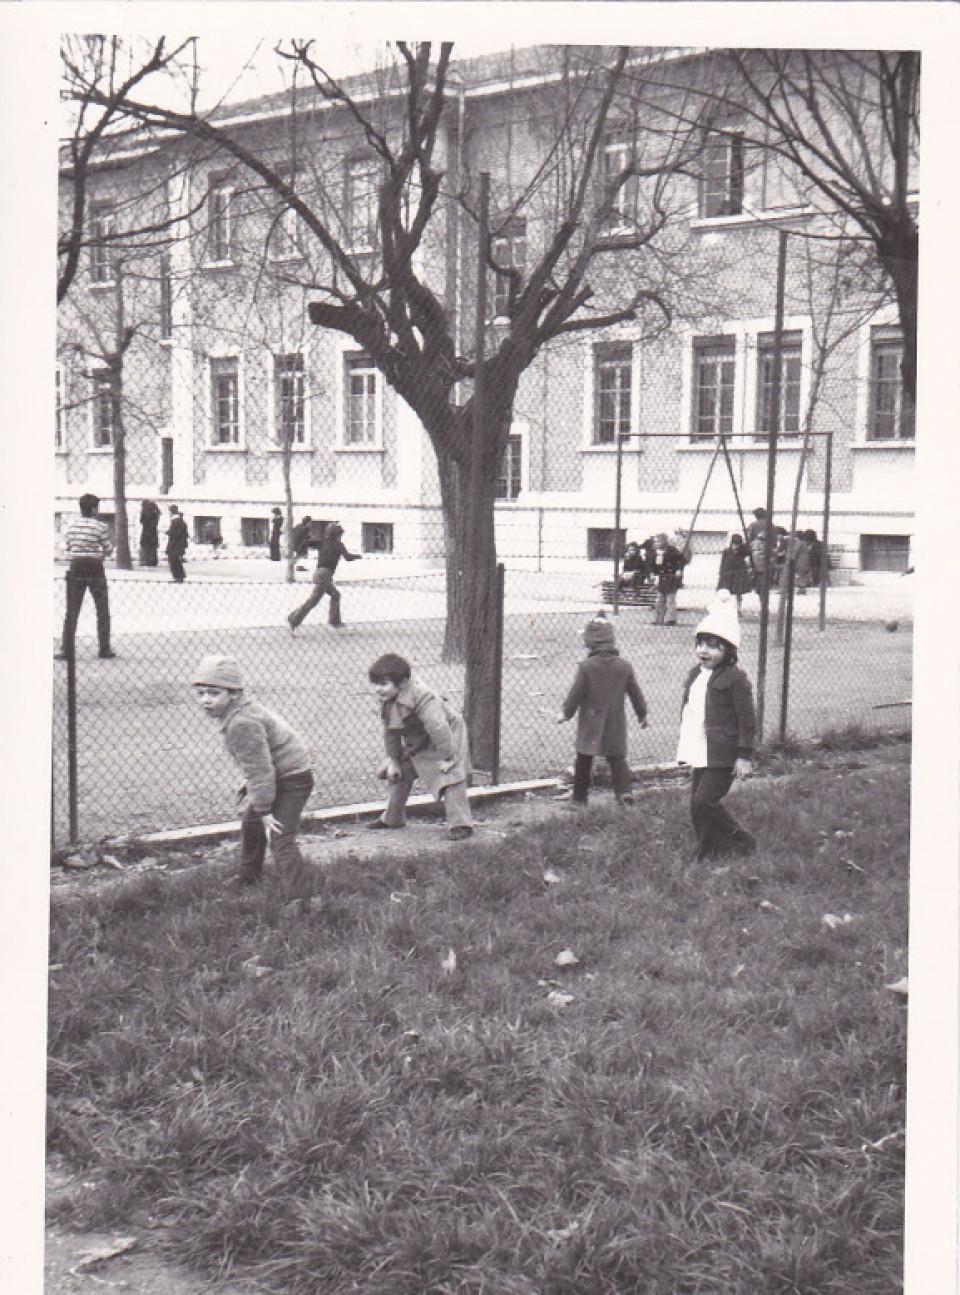 Scuola Calderara, 1973